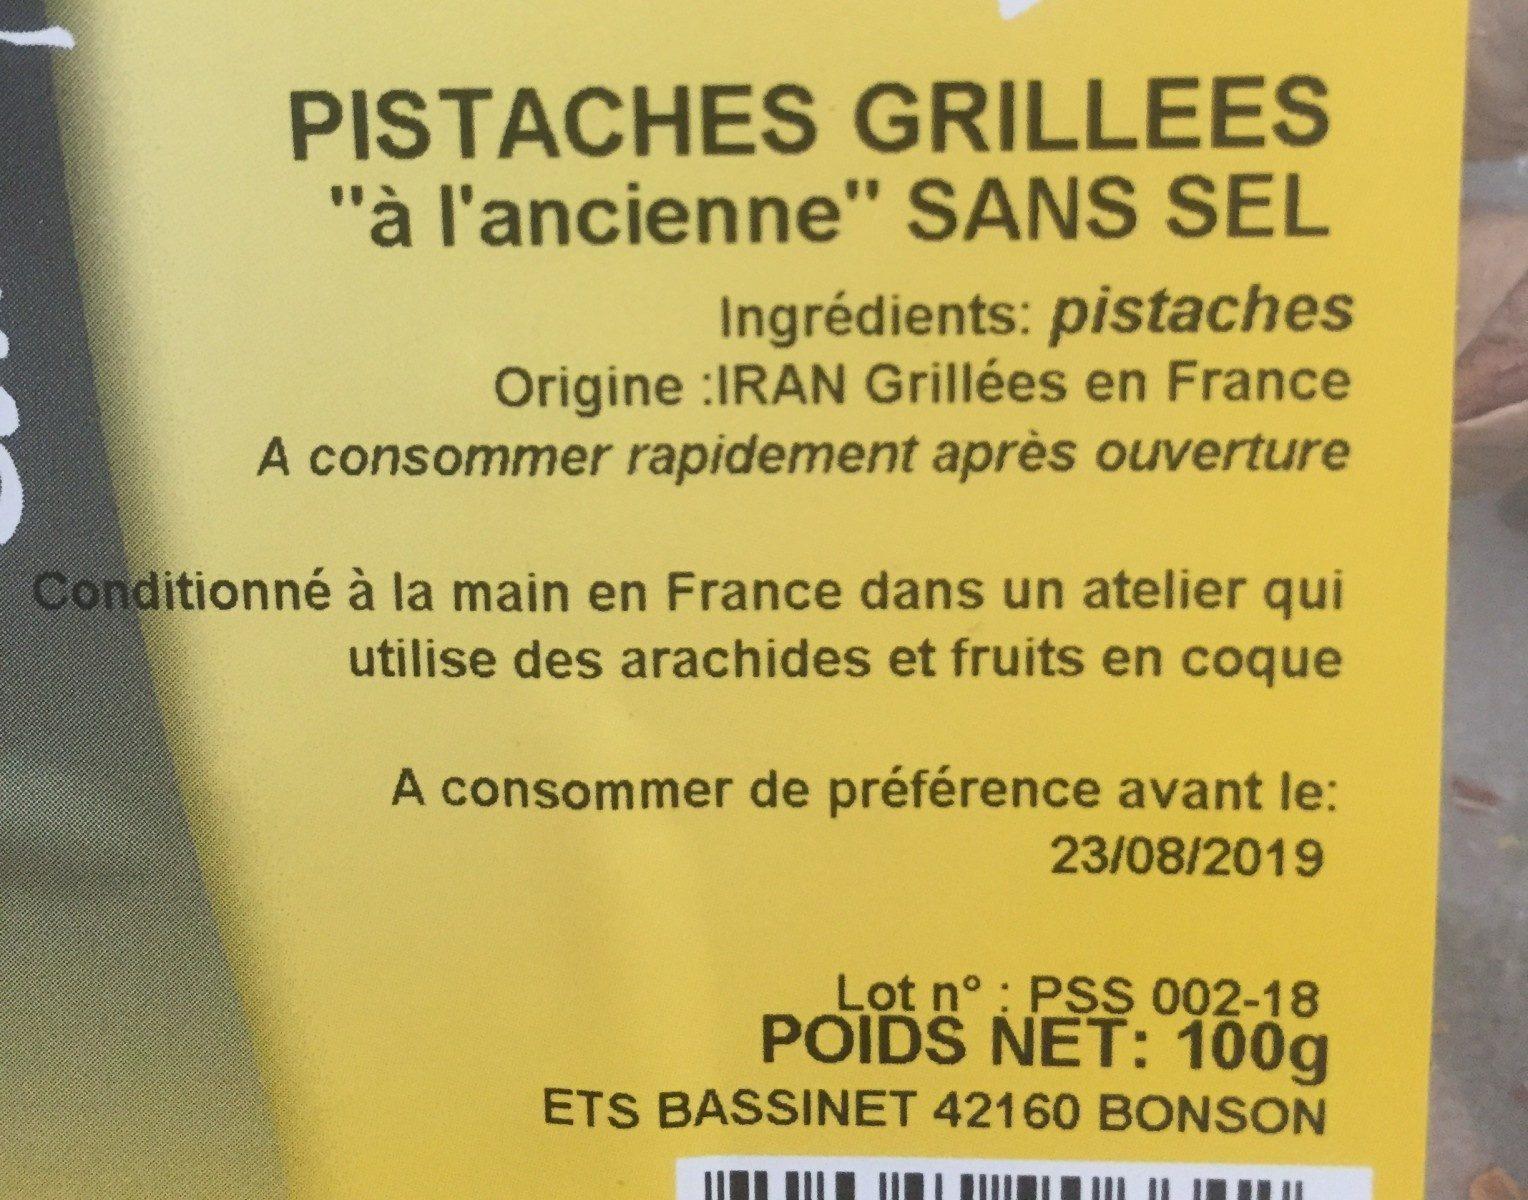 Pistaches grilllees a l'ancienne sans sel - Ingrédients - fr